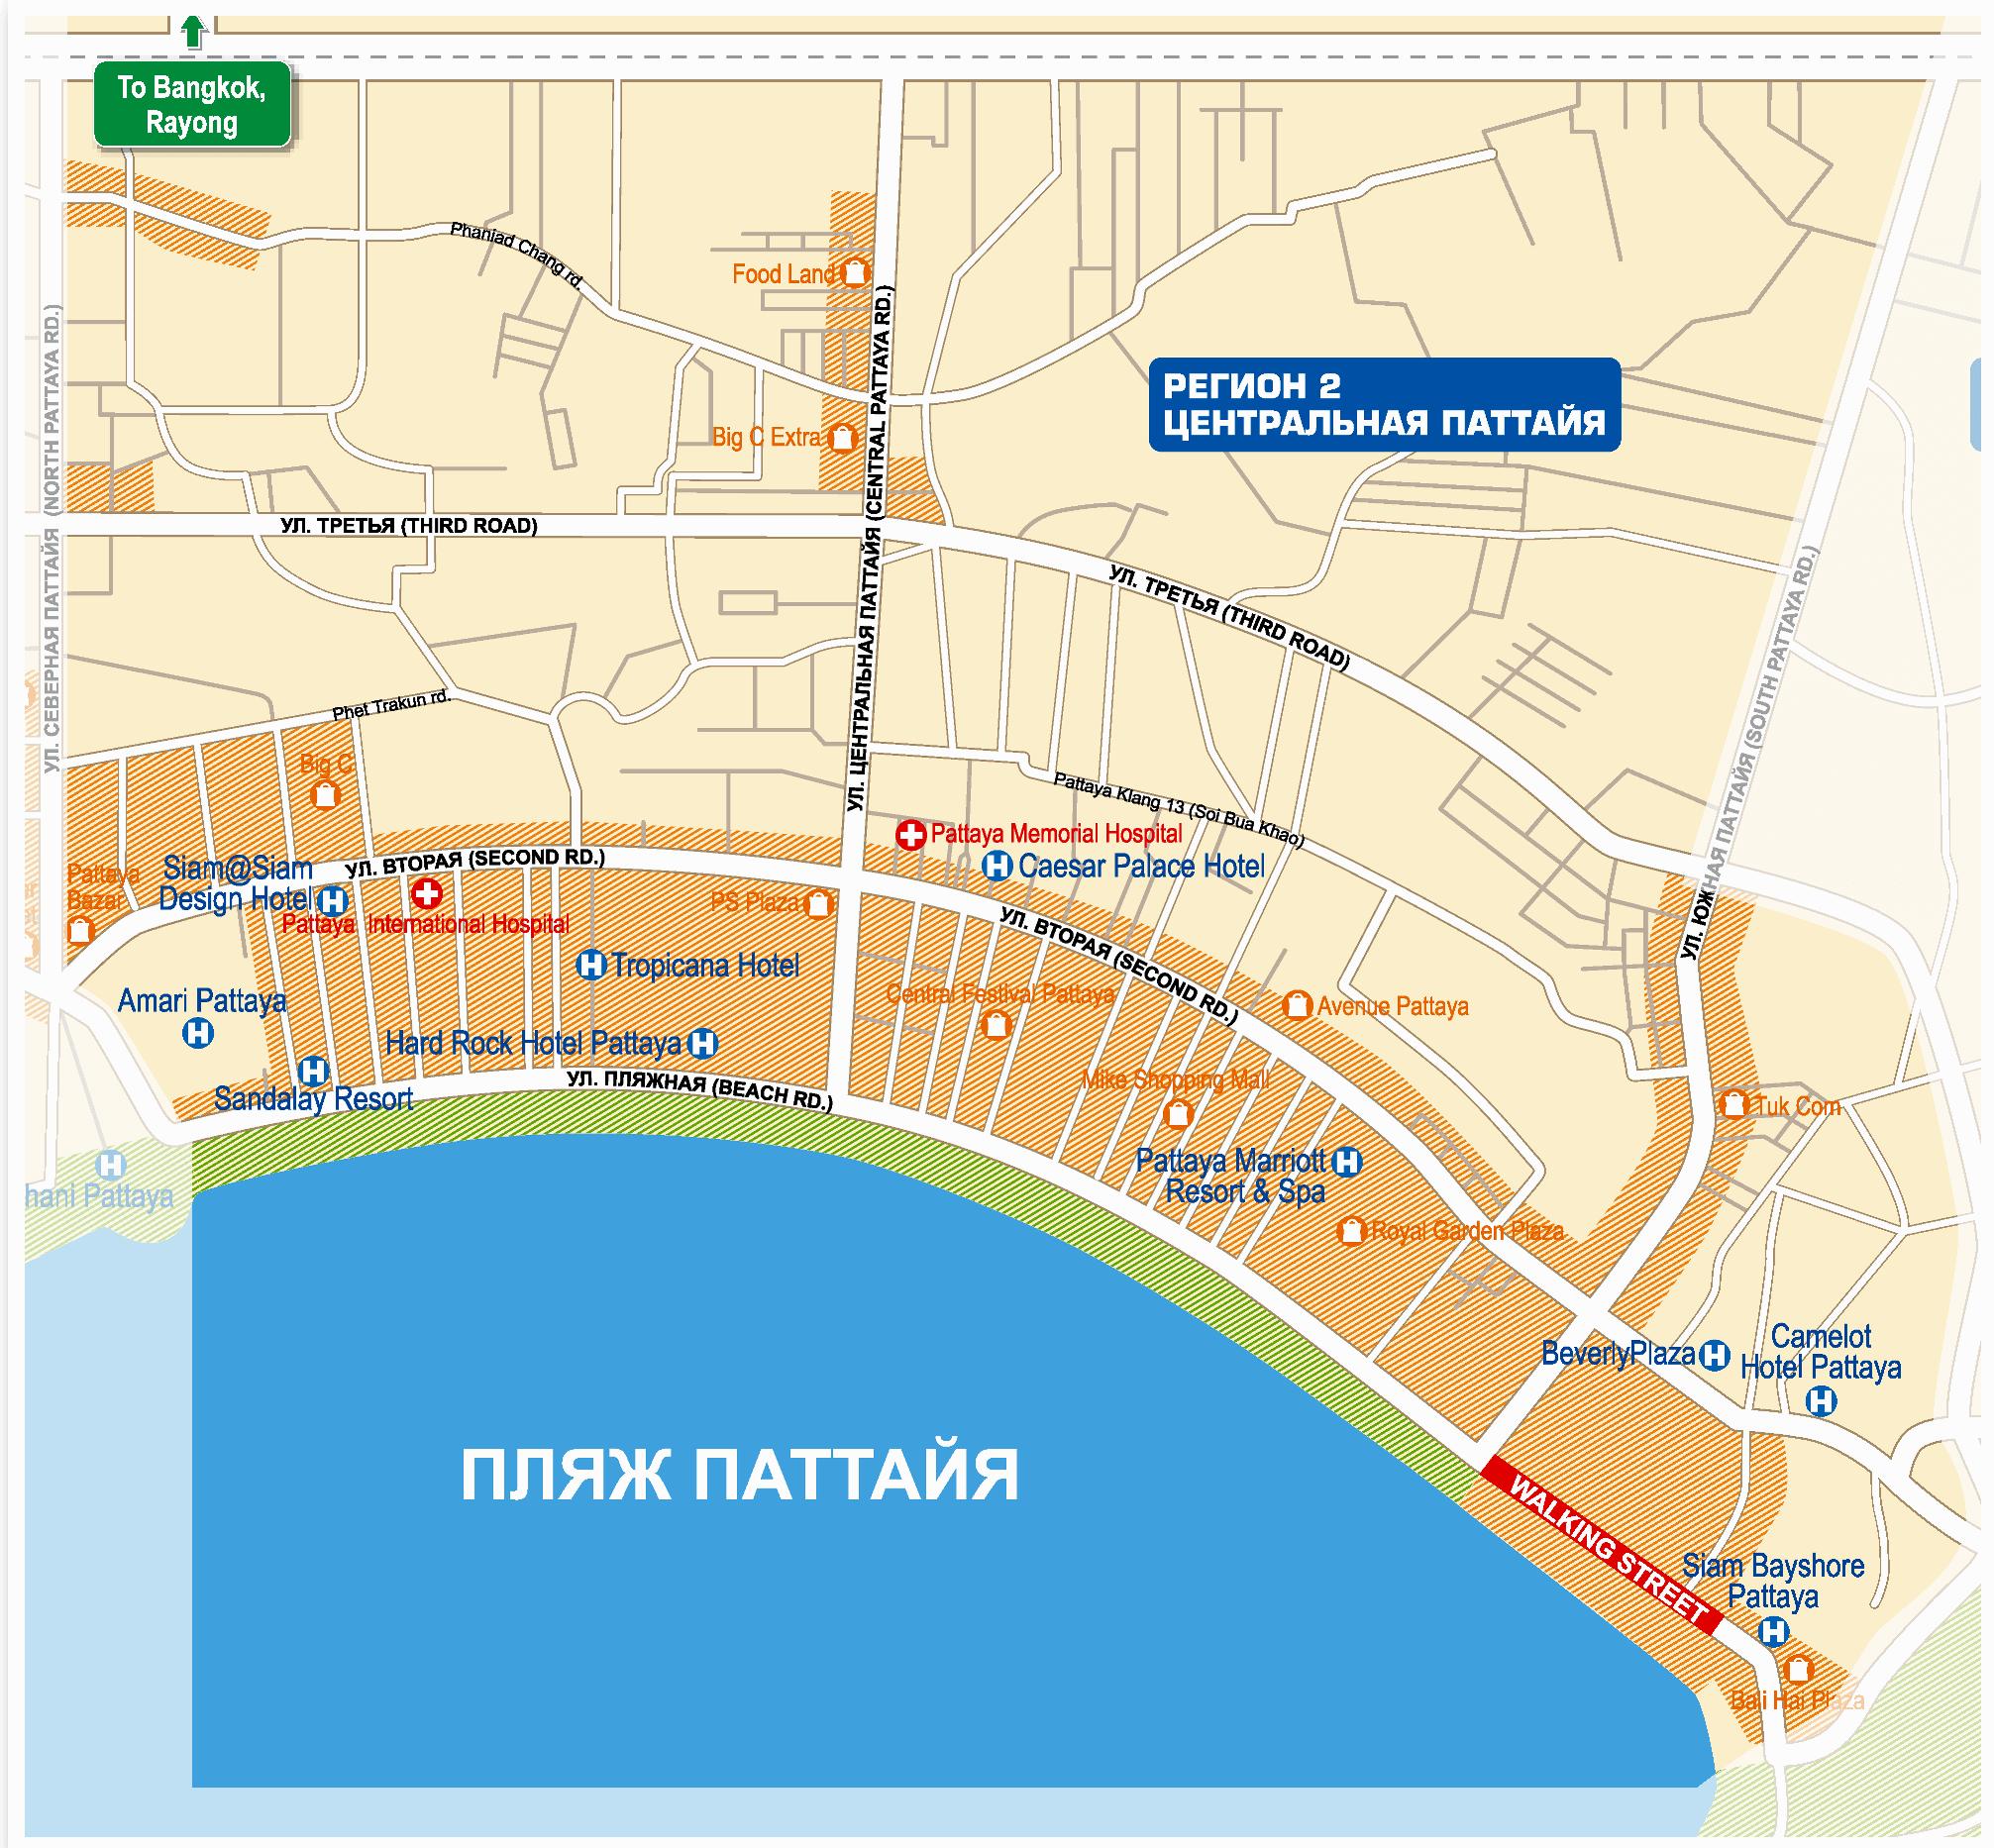 Карта центральной Паттайи с отелями